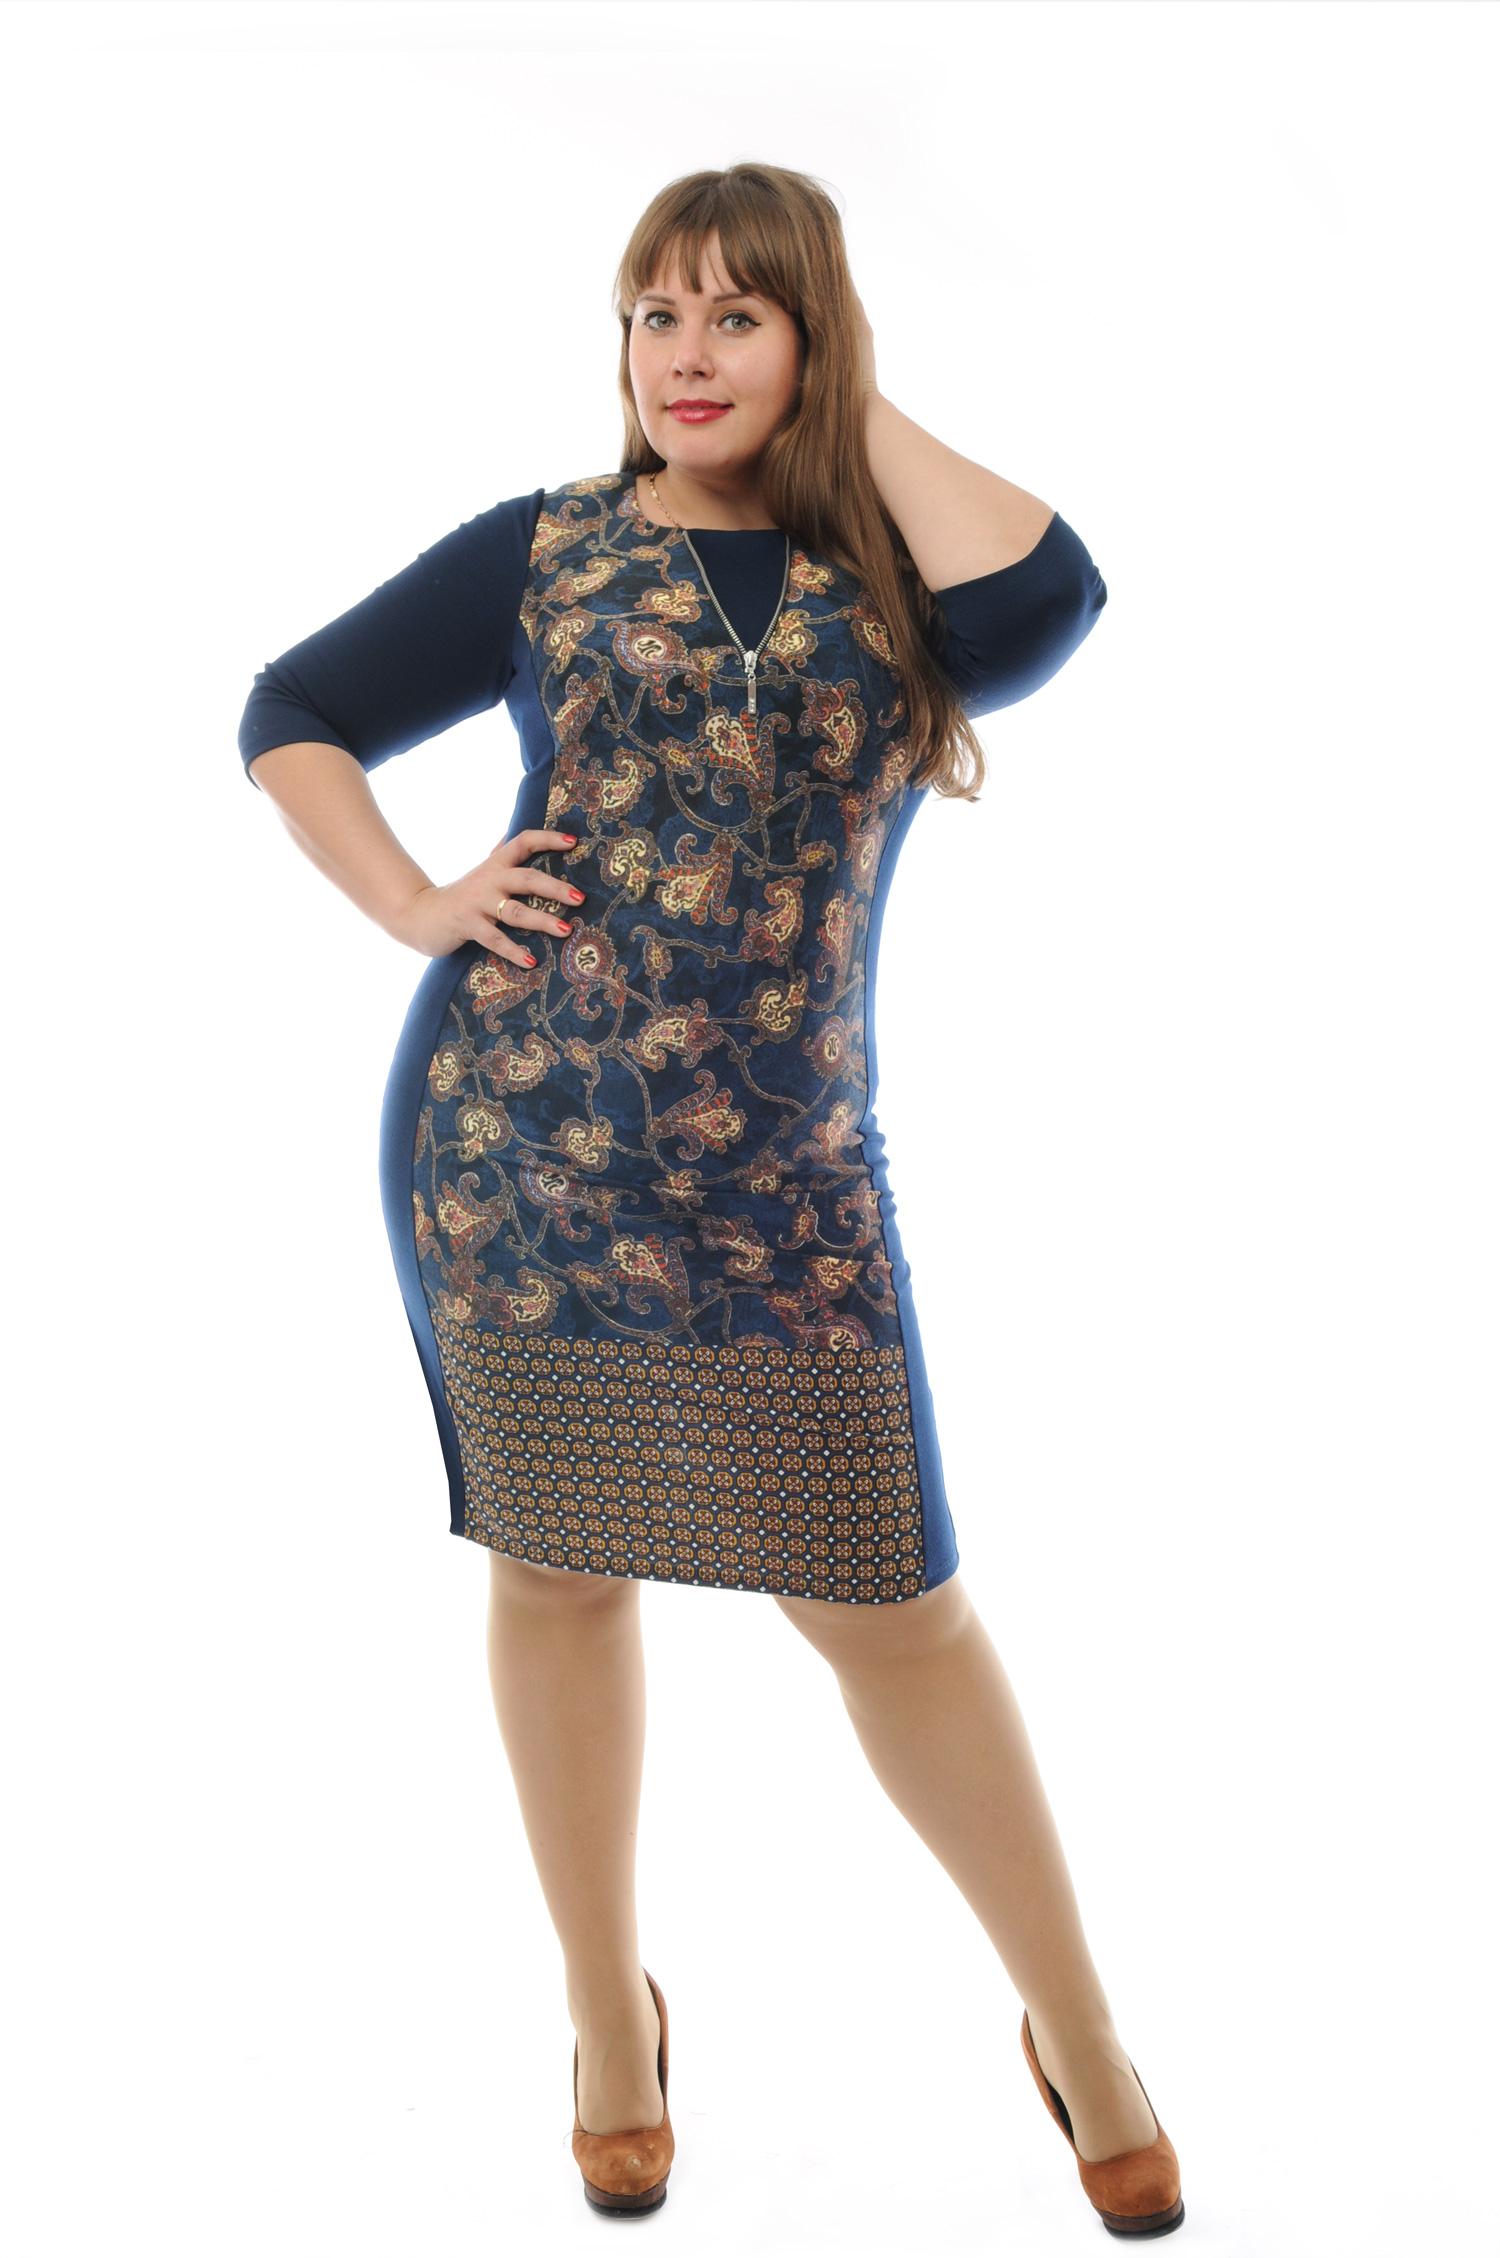 Купить одежду 62 размера женскую